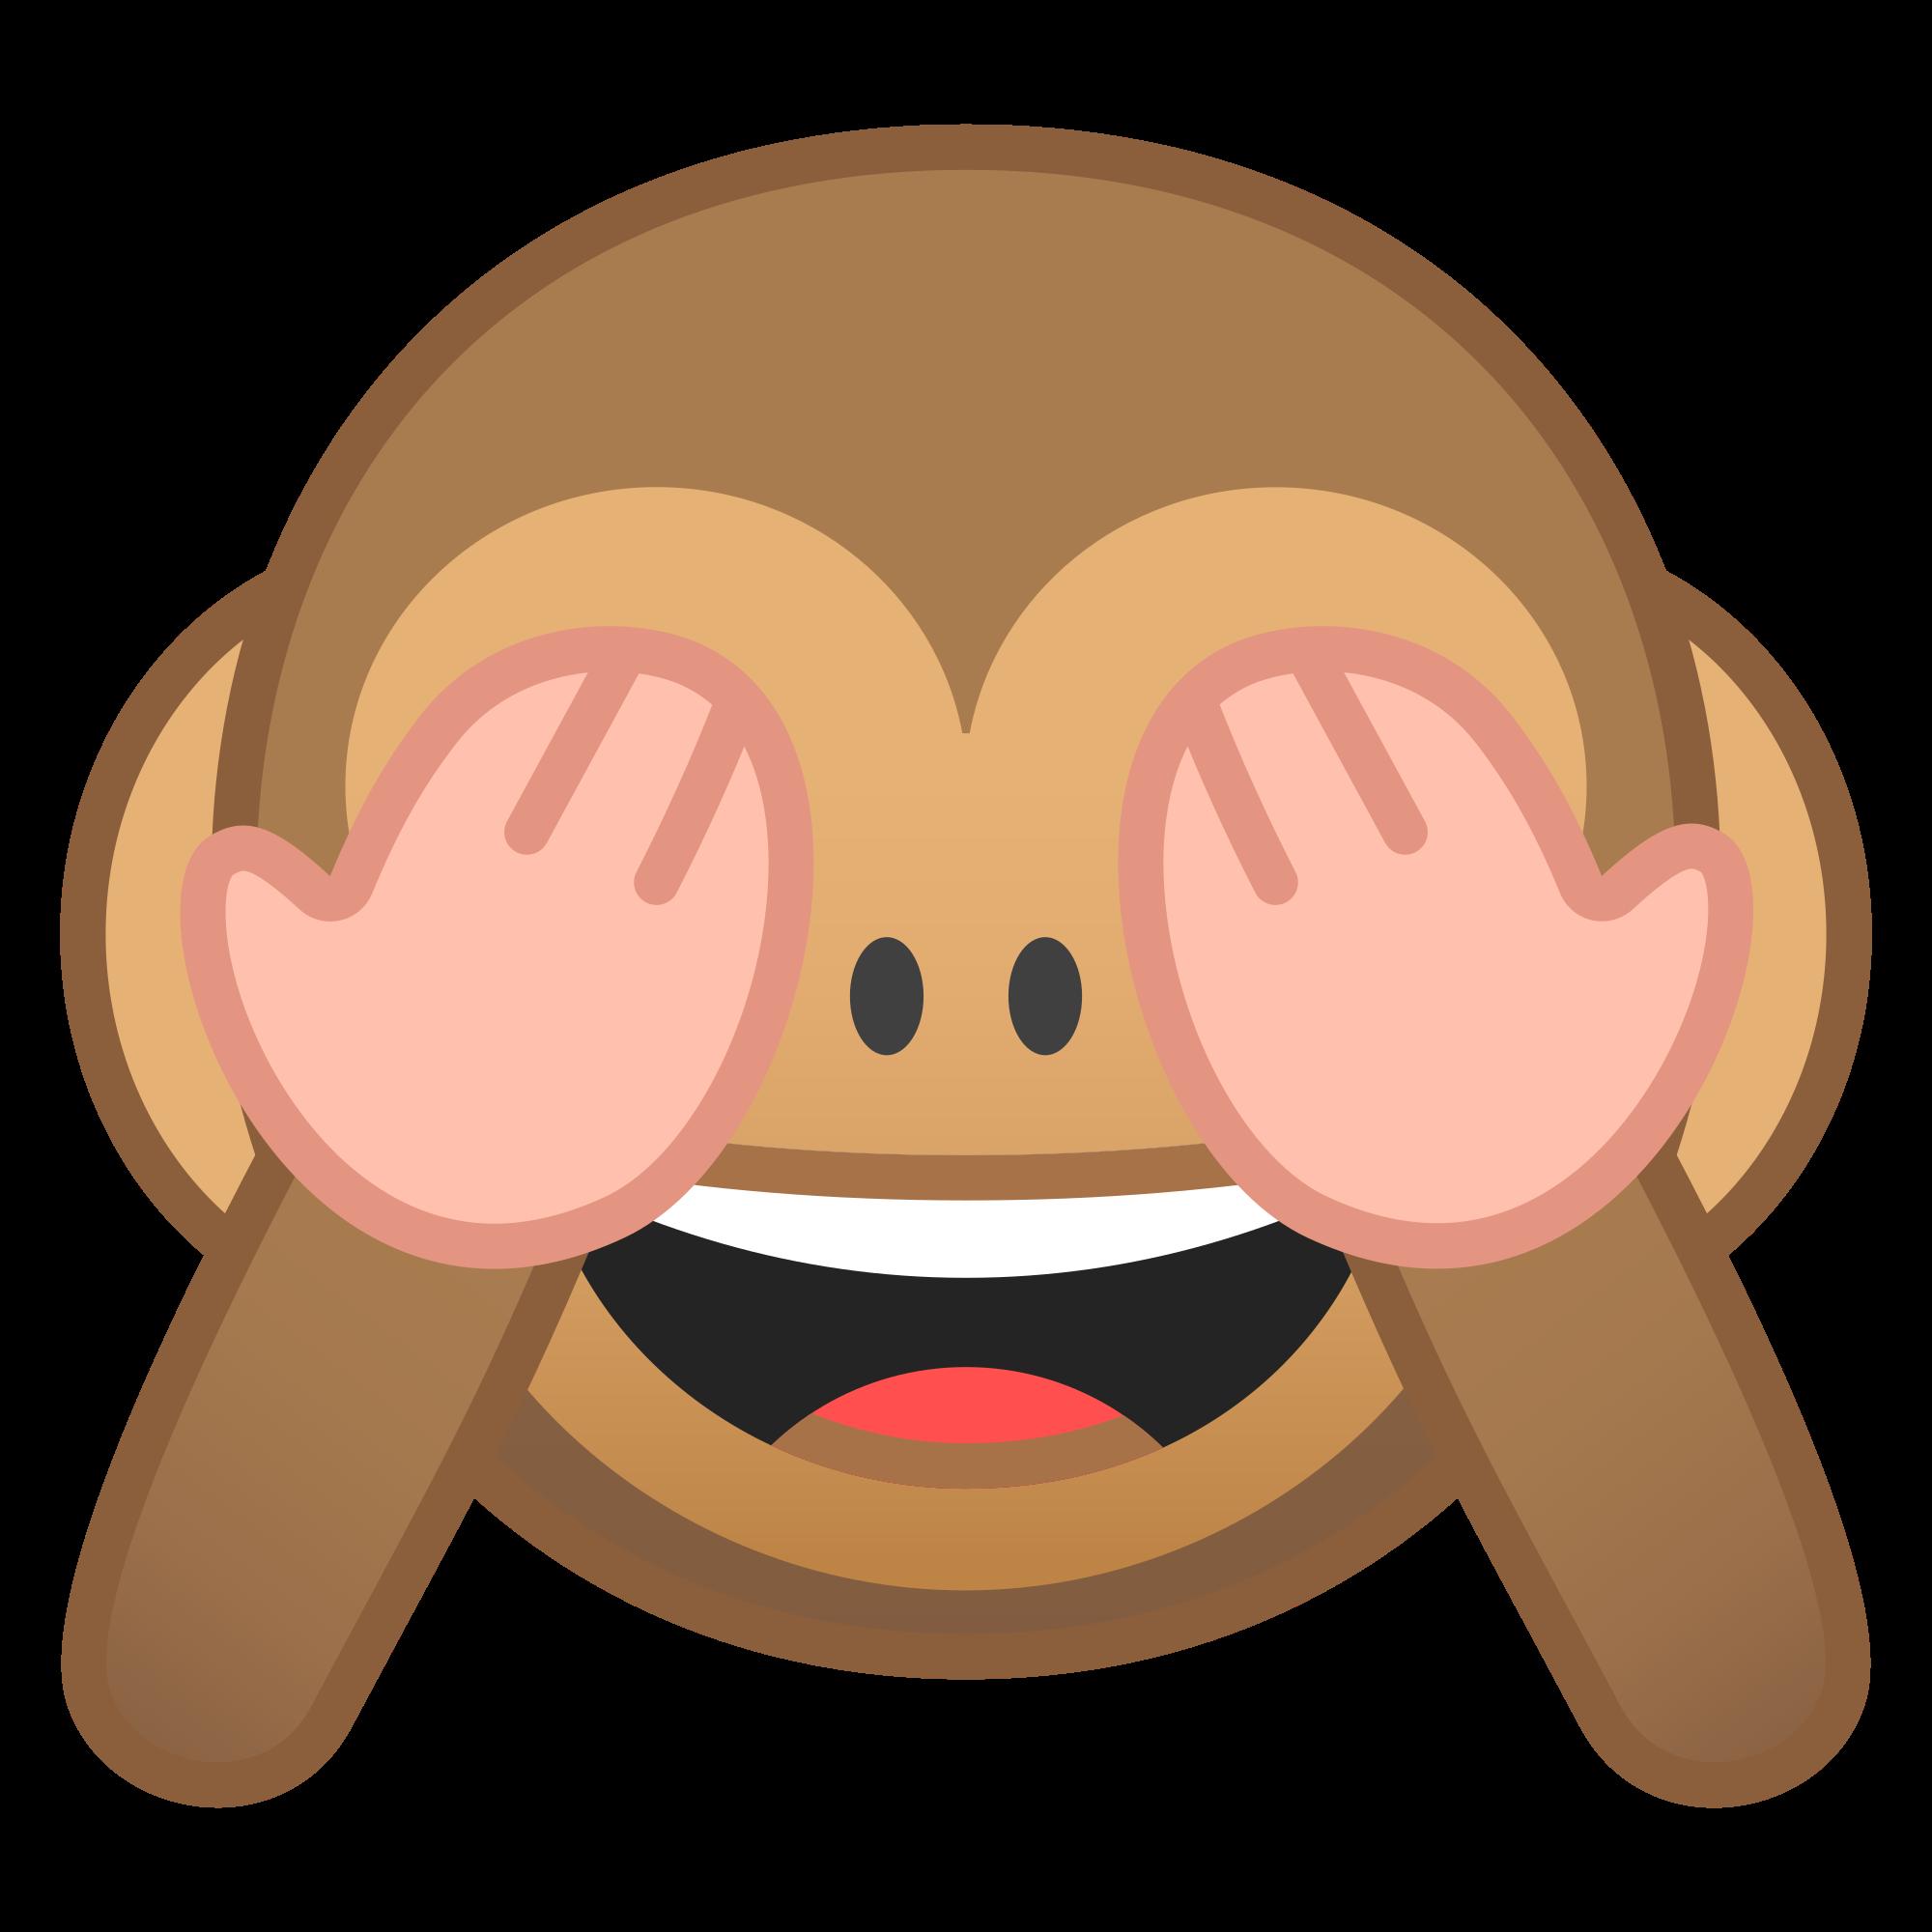 File noto emoji f. Oreo clipart illustration